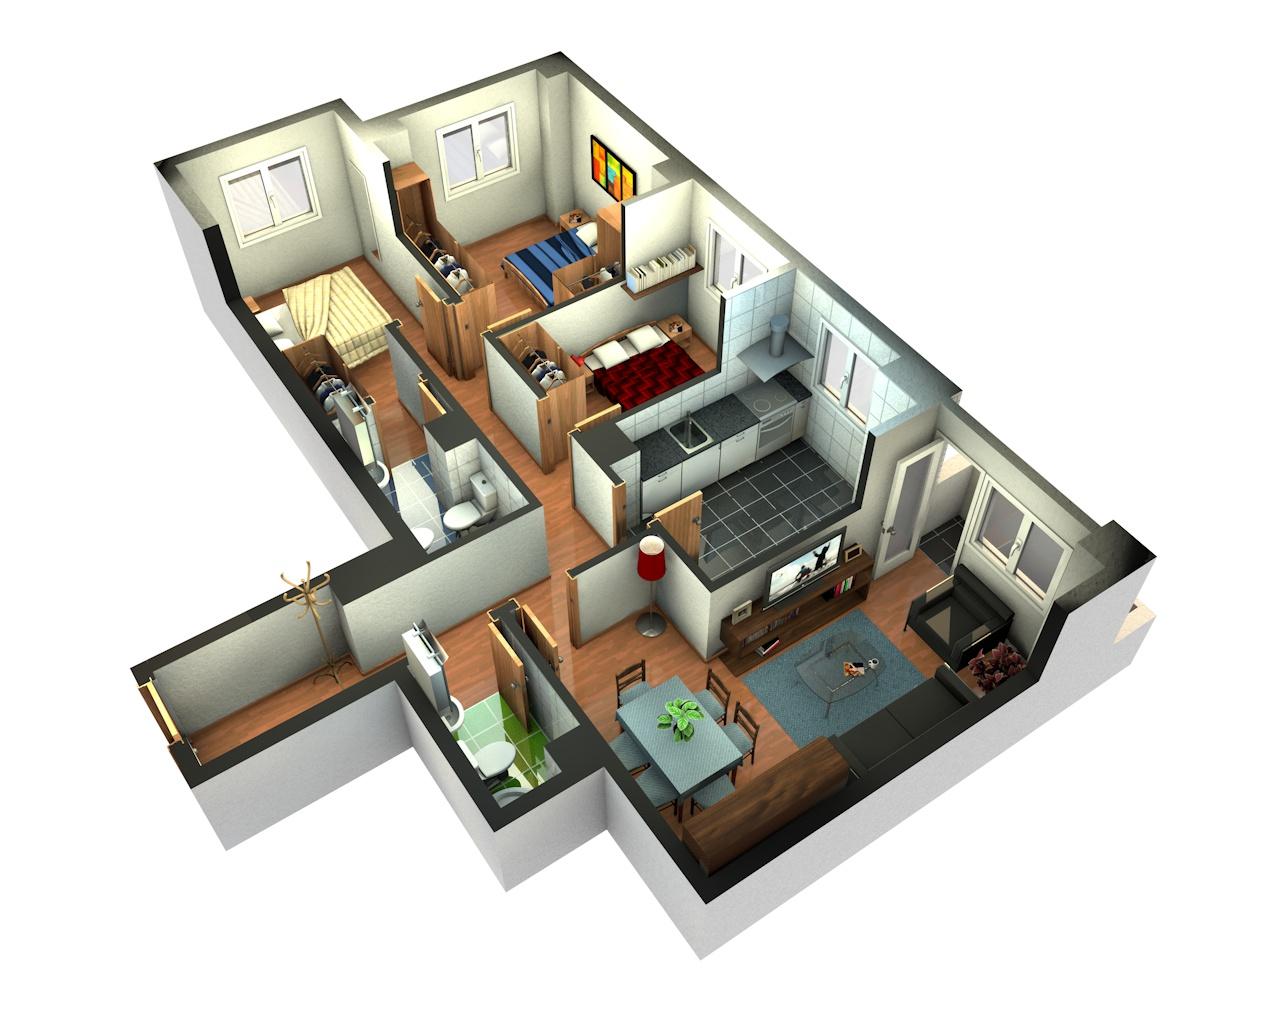 Plantas de casas em 3d gratis decorando casas for Planos de casas 200m2